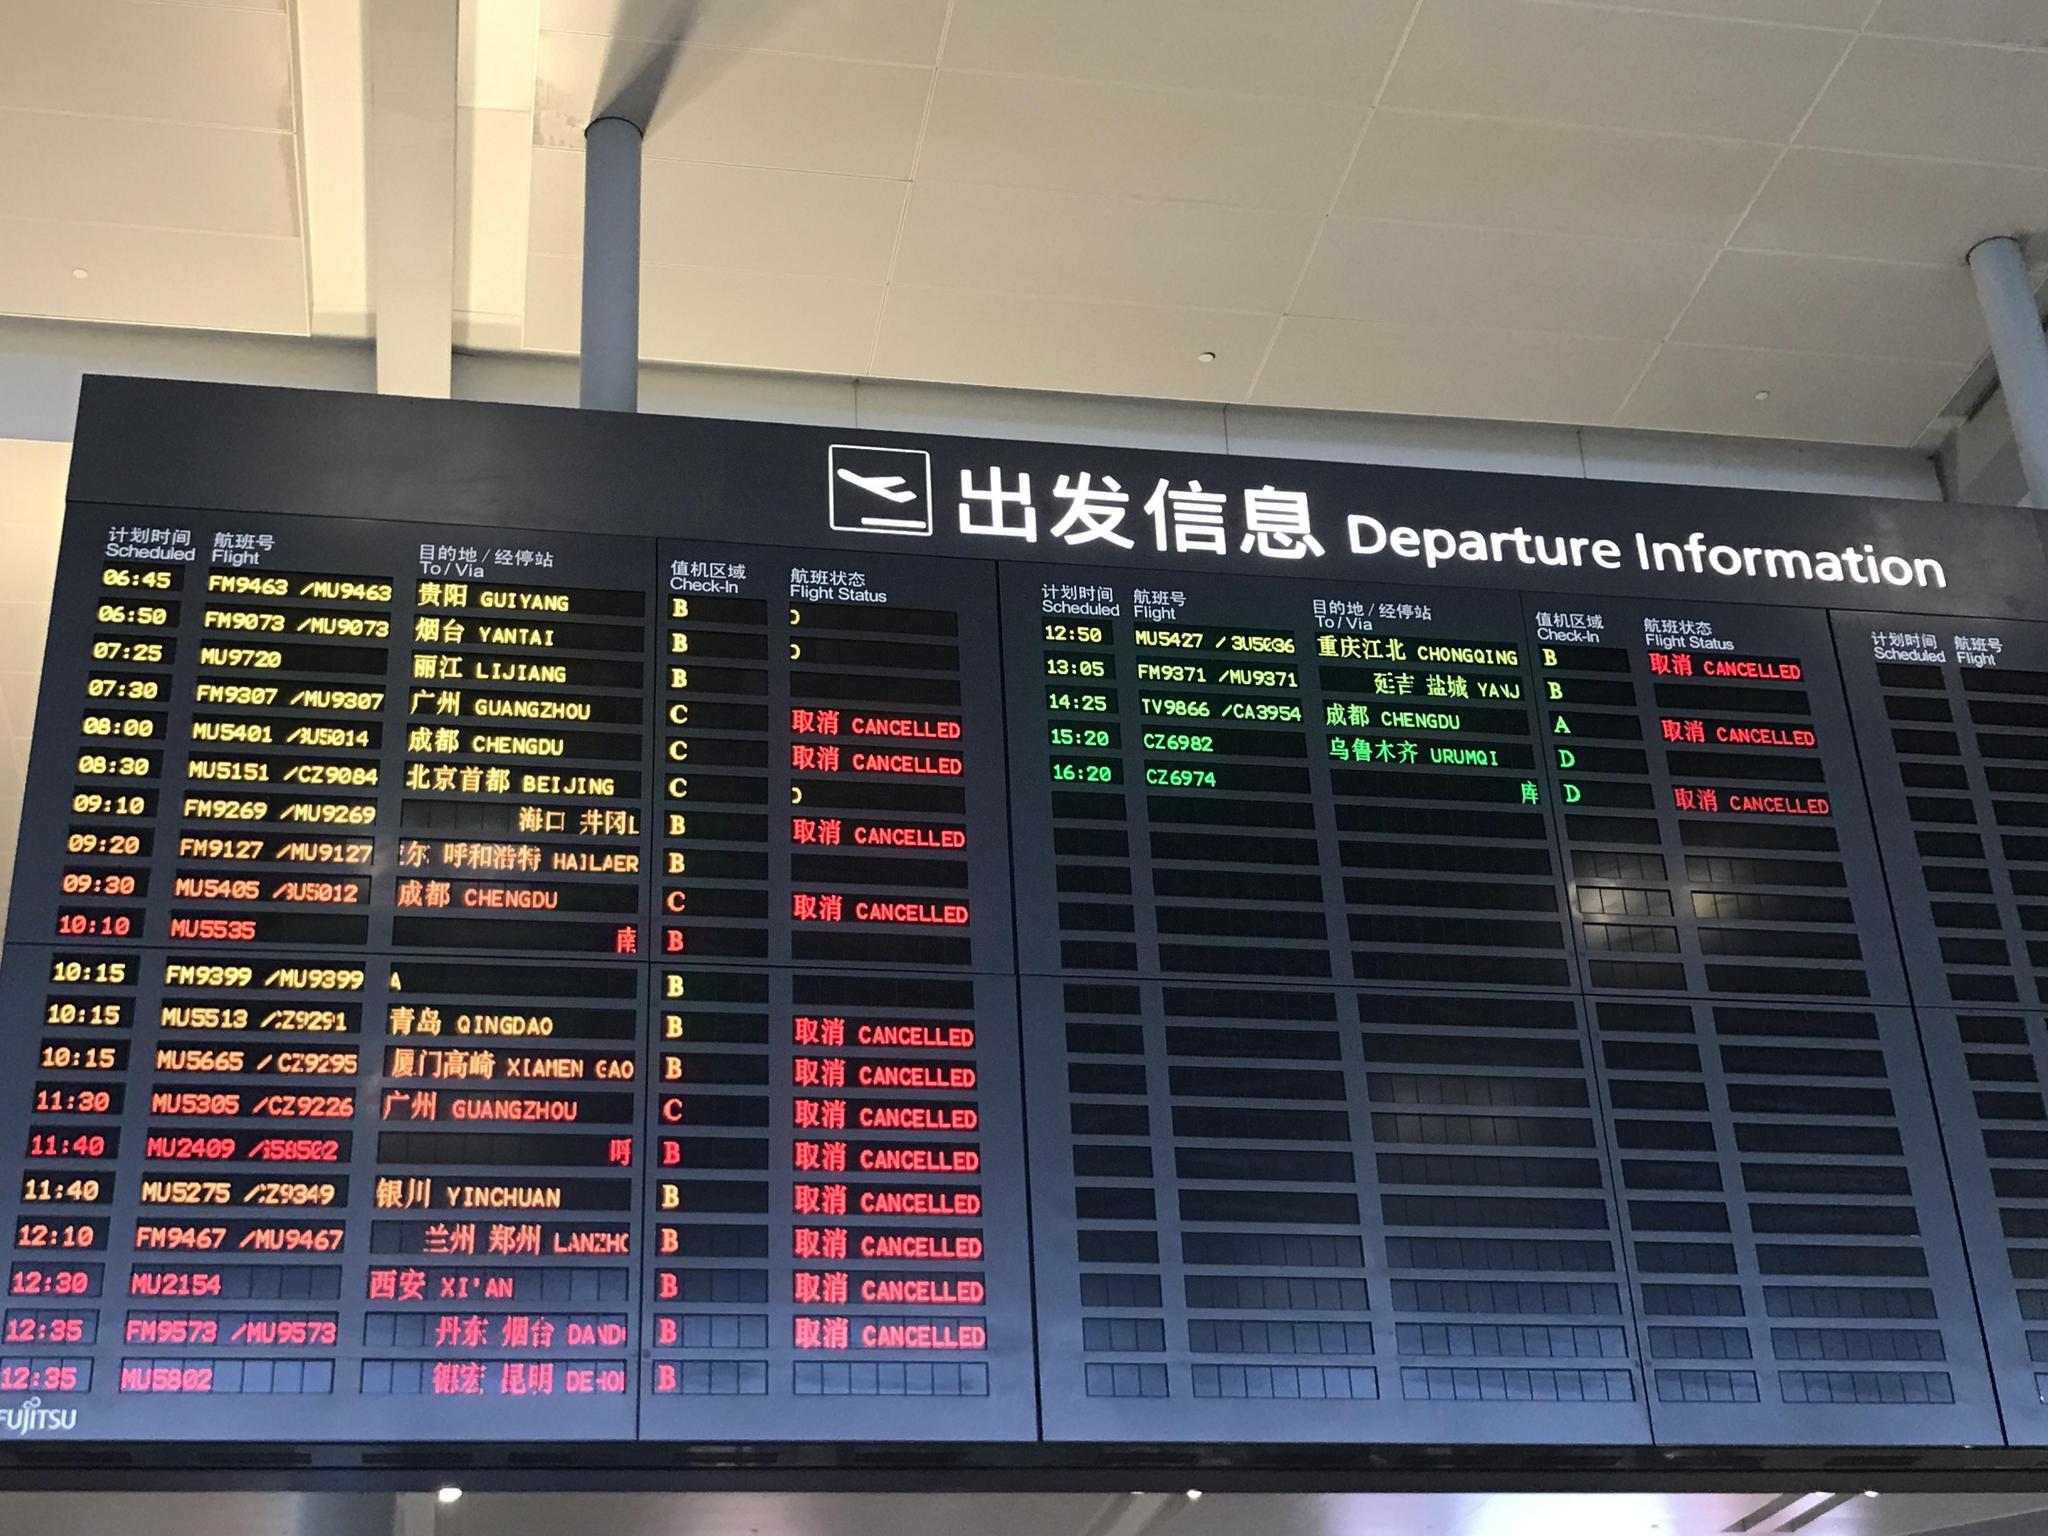 交通部官媒质问机票退款慢:为何不能像火车汽车票一样秒退?